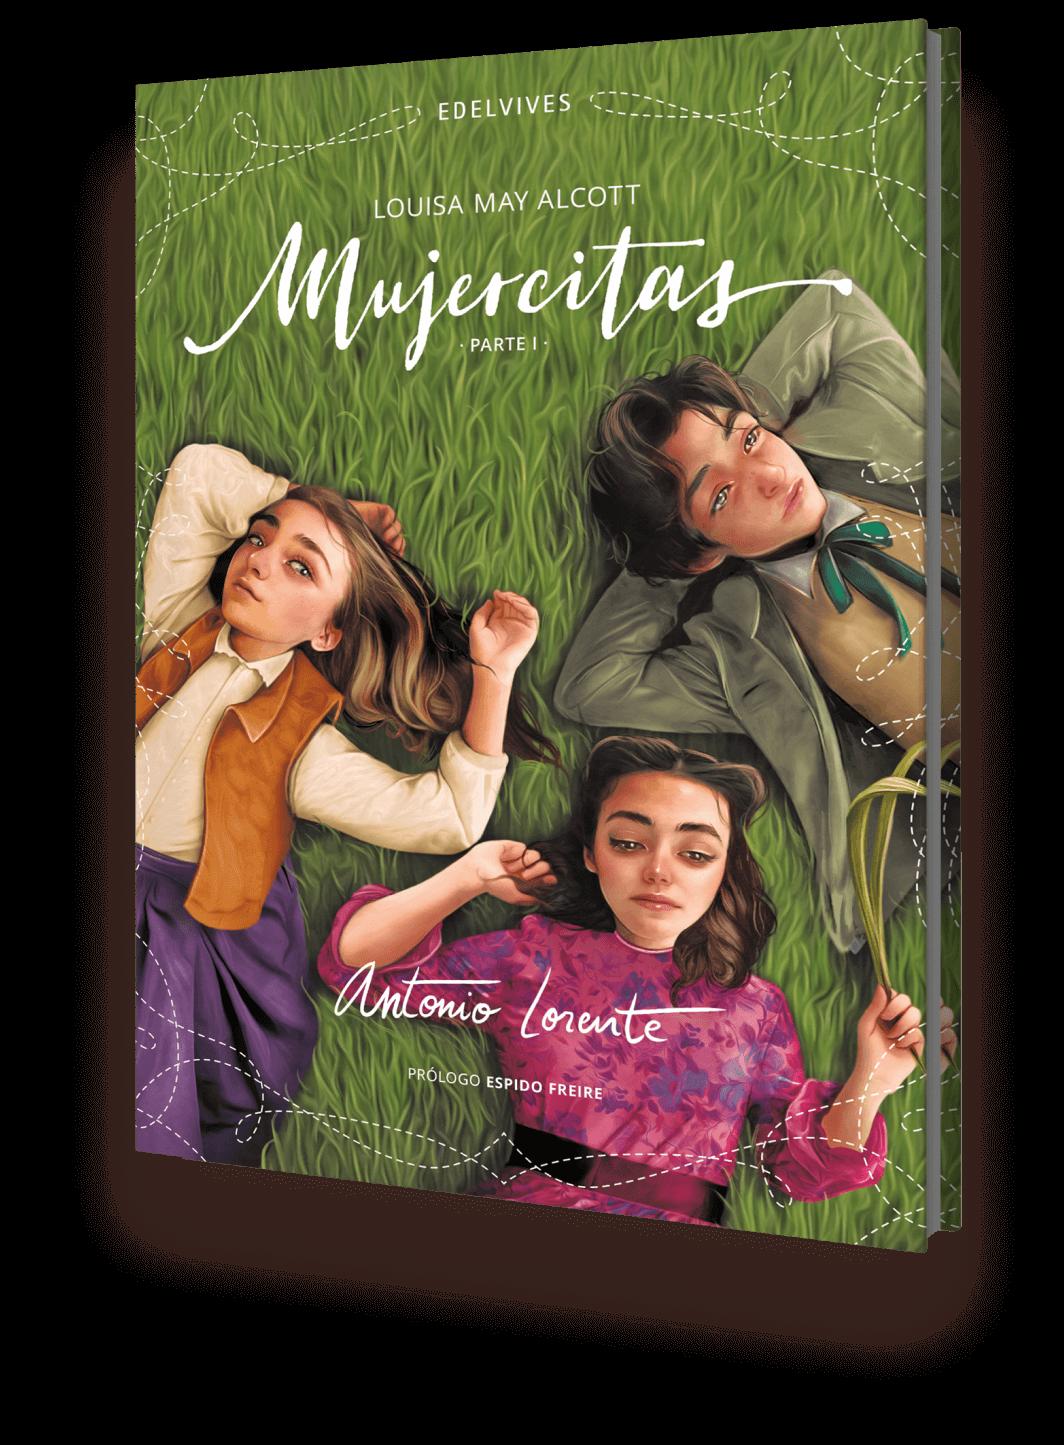 Las aventuras de Tom Sawyer, por Antonio Lorente